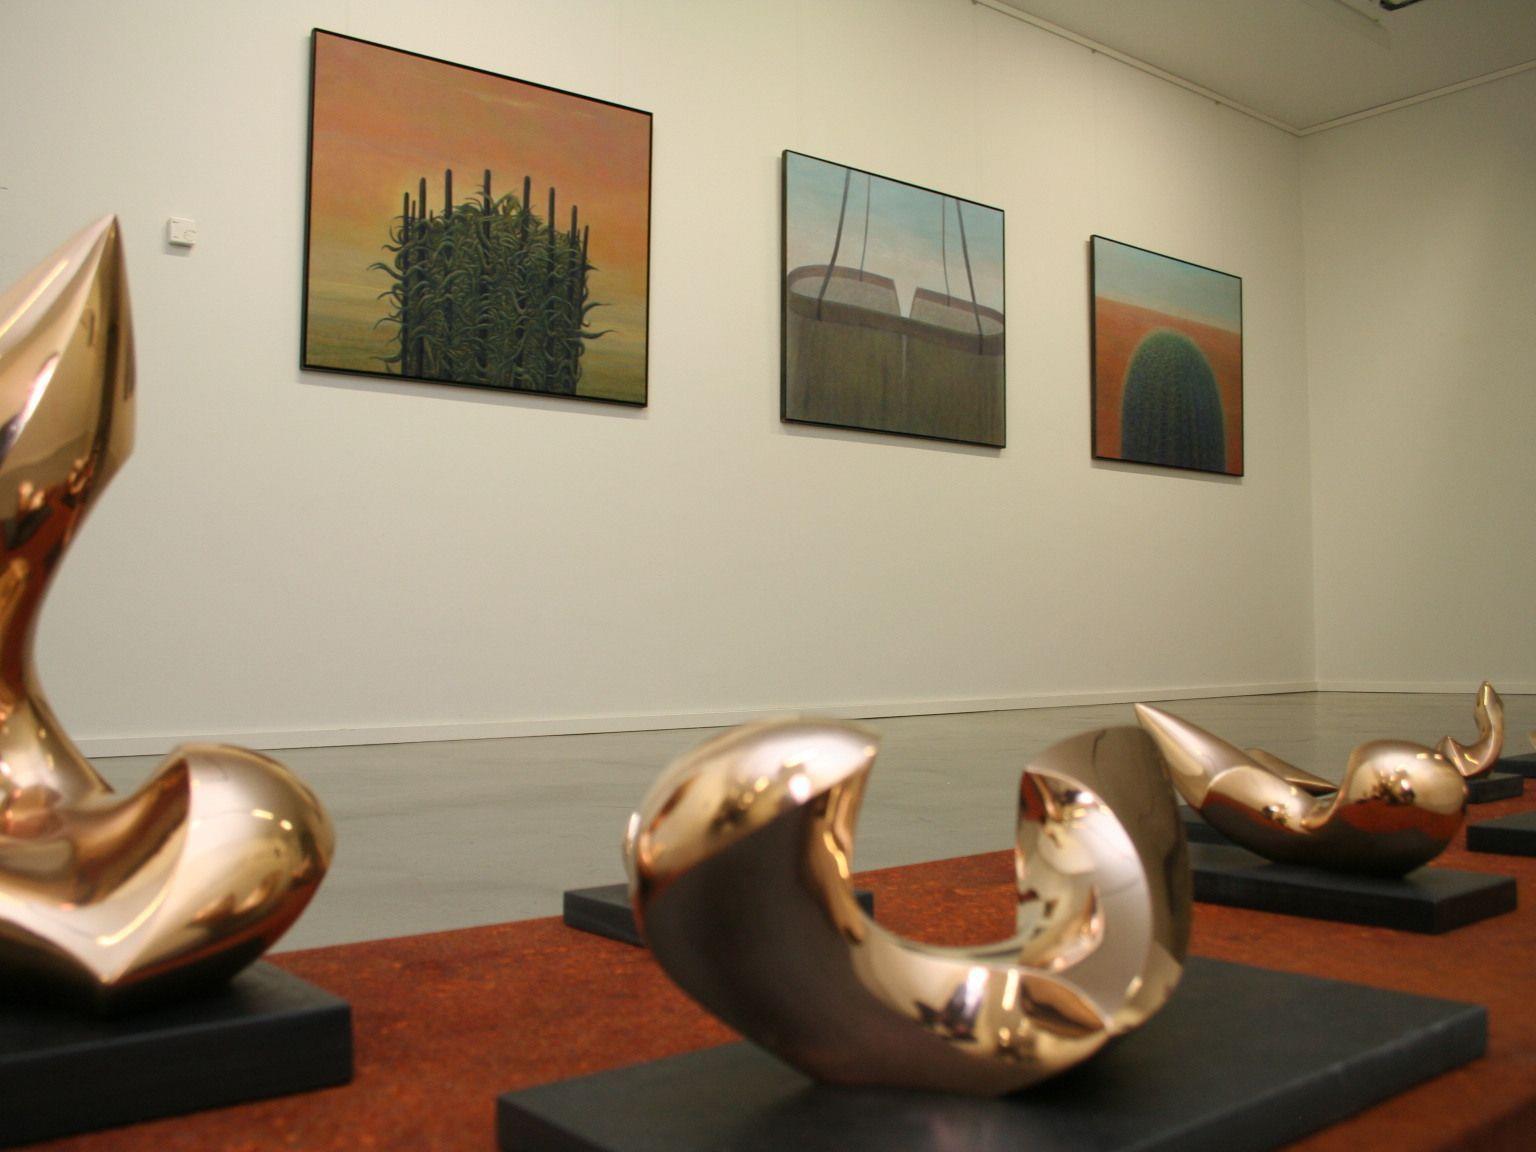 Skulpturen und Malereien von Schweizer Künstlern bei der neuen Winterausstellung.